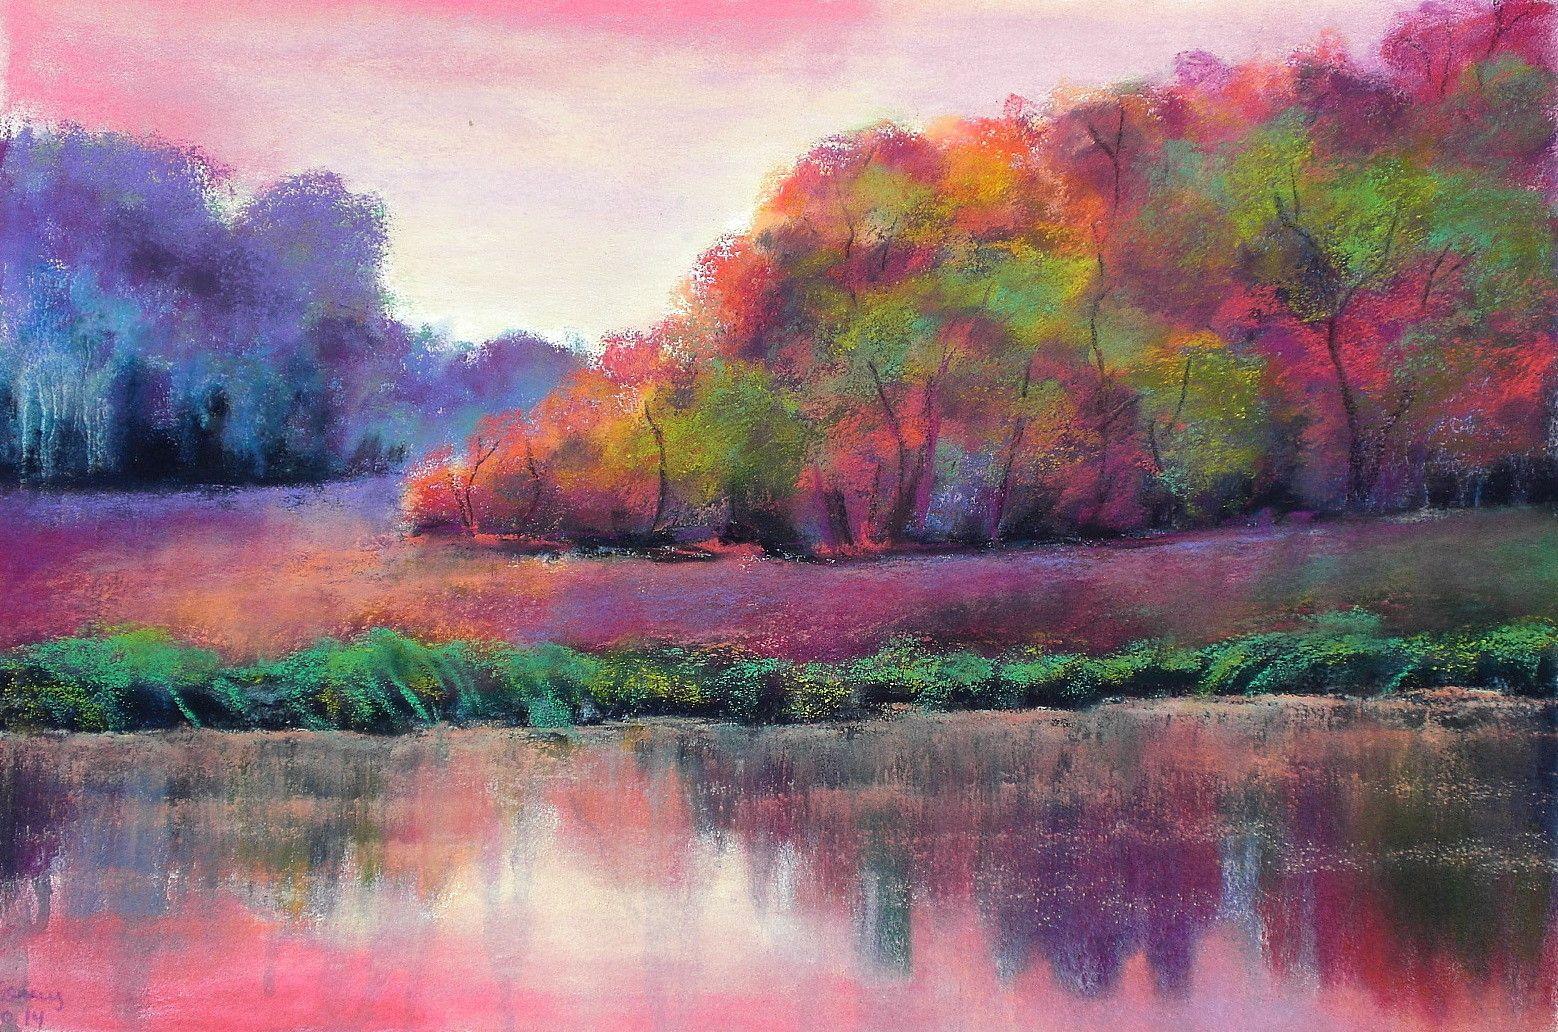 pastelle | pastel landscape, soft pastel art, landscape